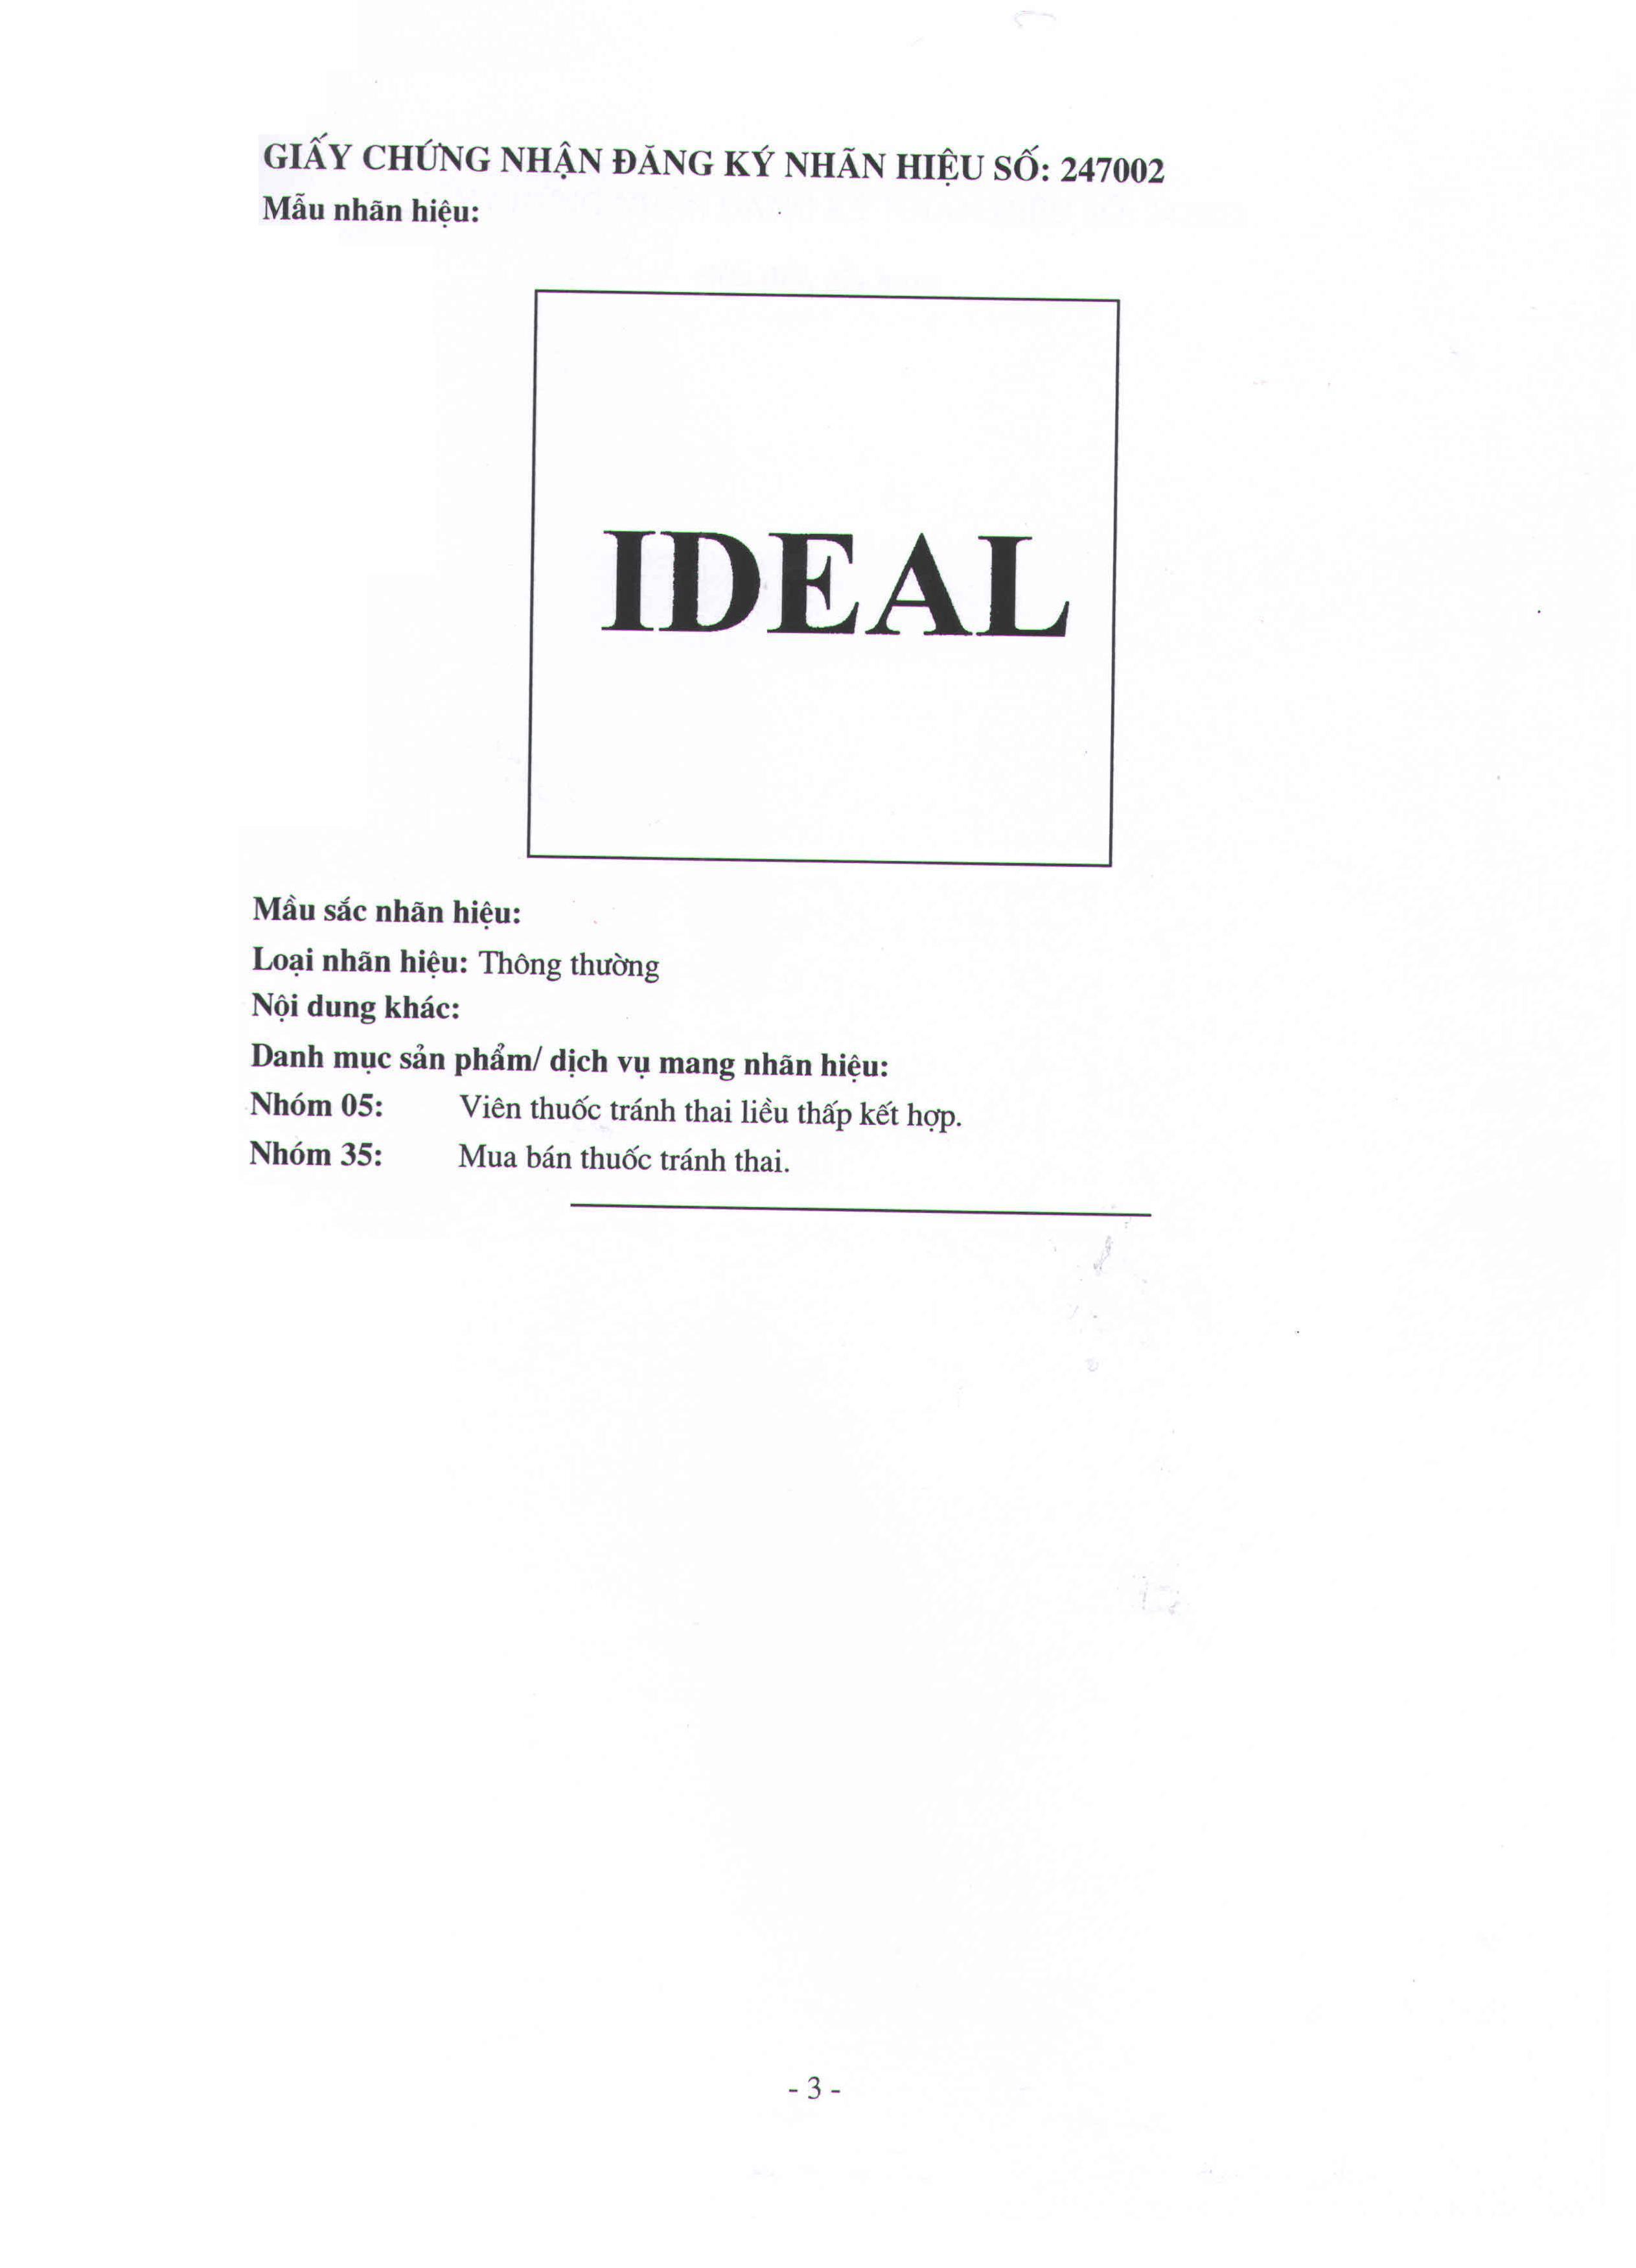 IDEAL_Giay chung nhan dang ky nhan hieu 247002_08072015-page-002